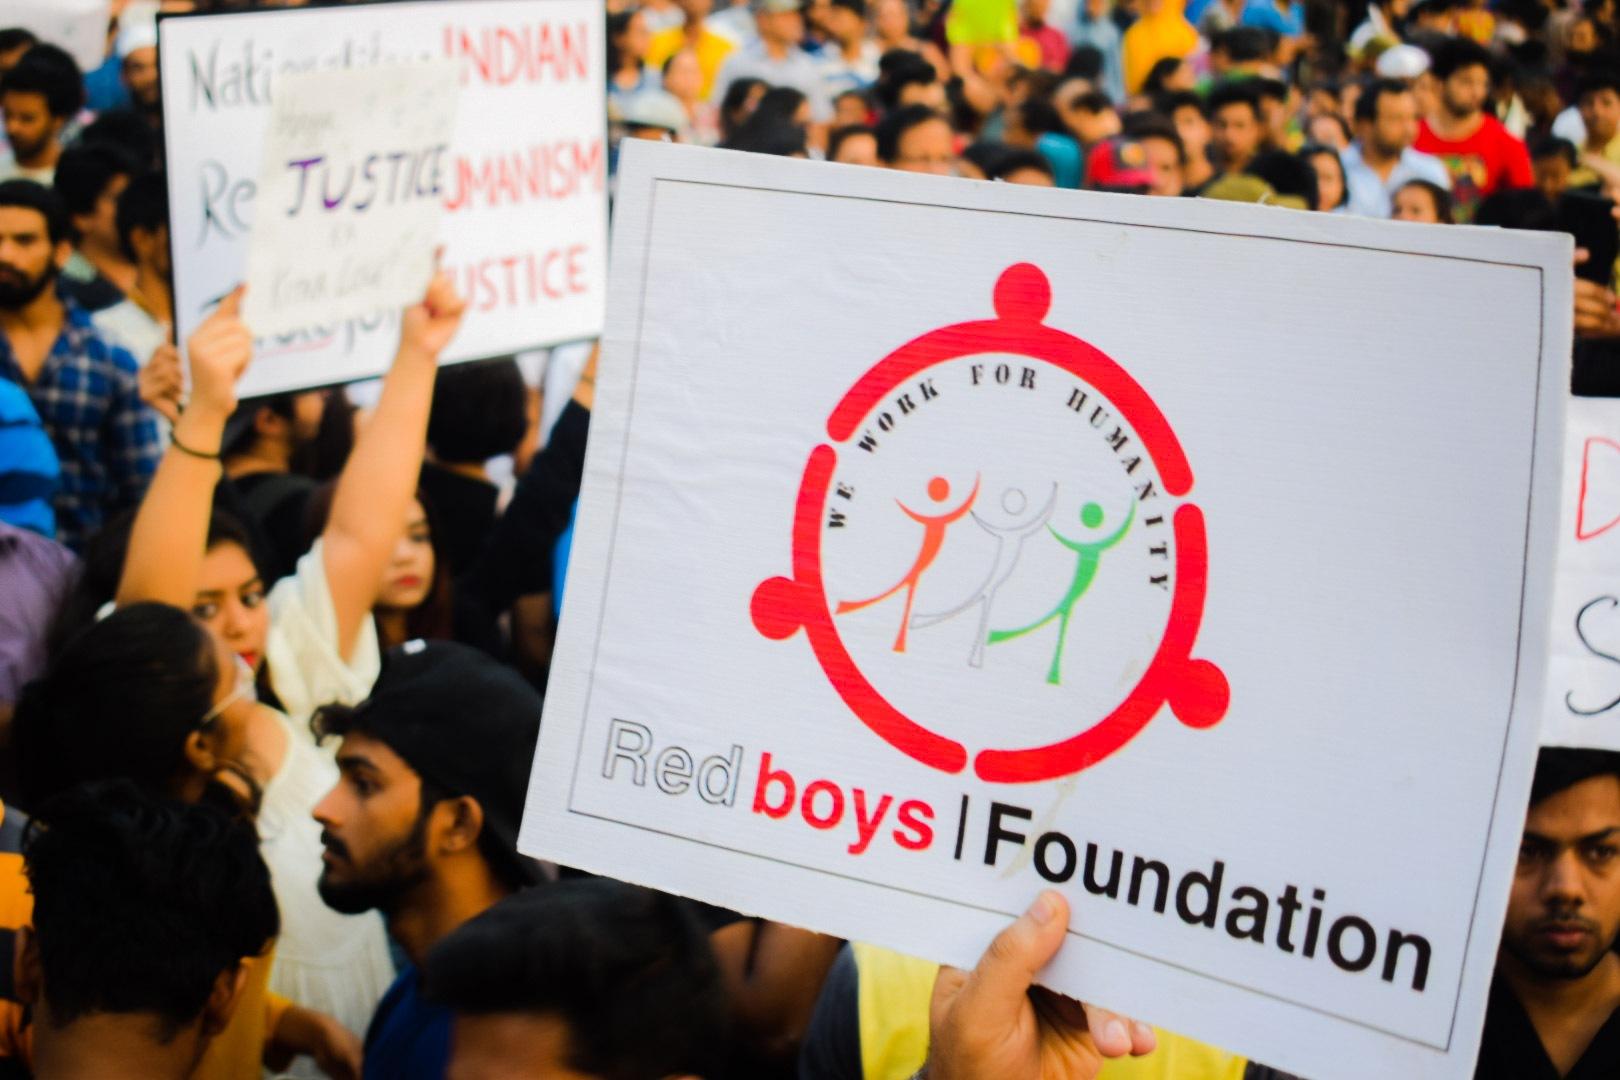 Red Boys Foundation logo by Shahnawaz Moosa Shaikh